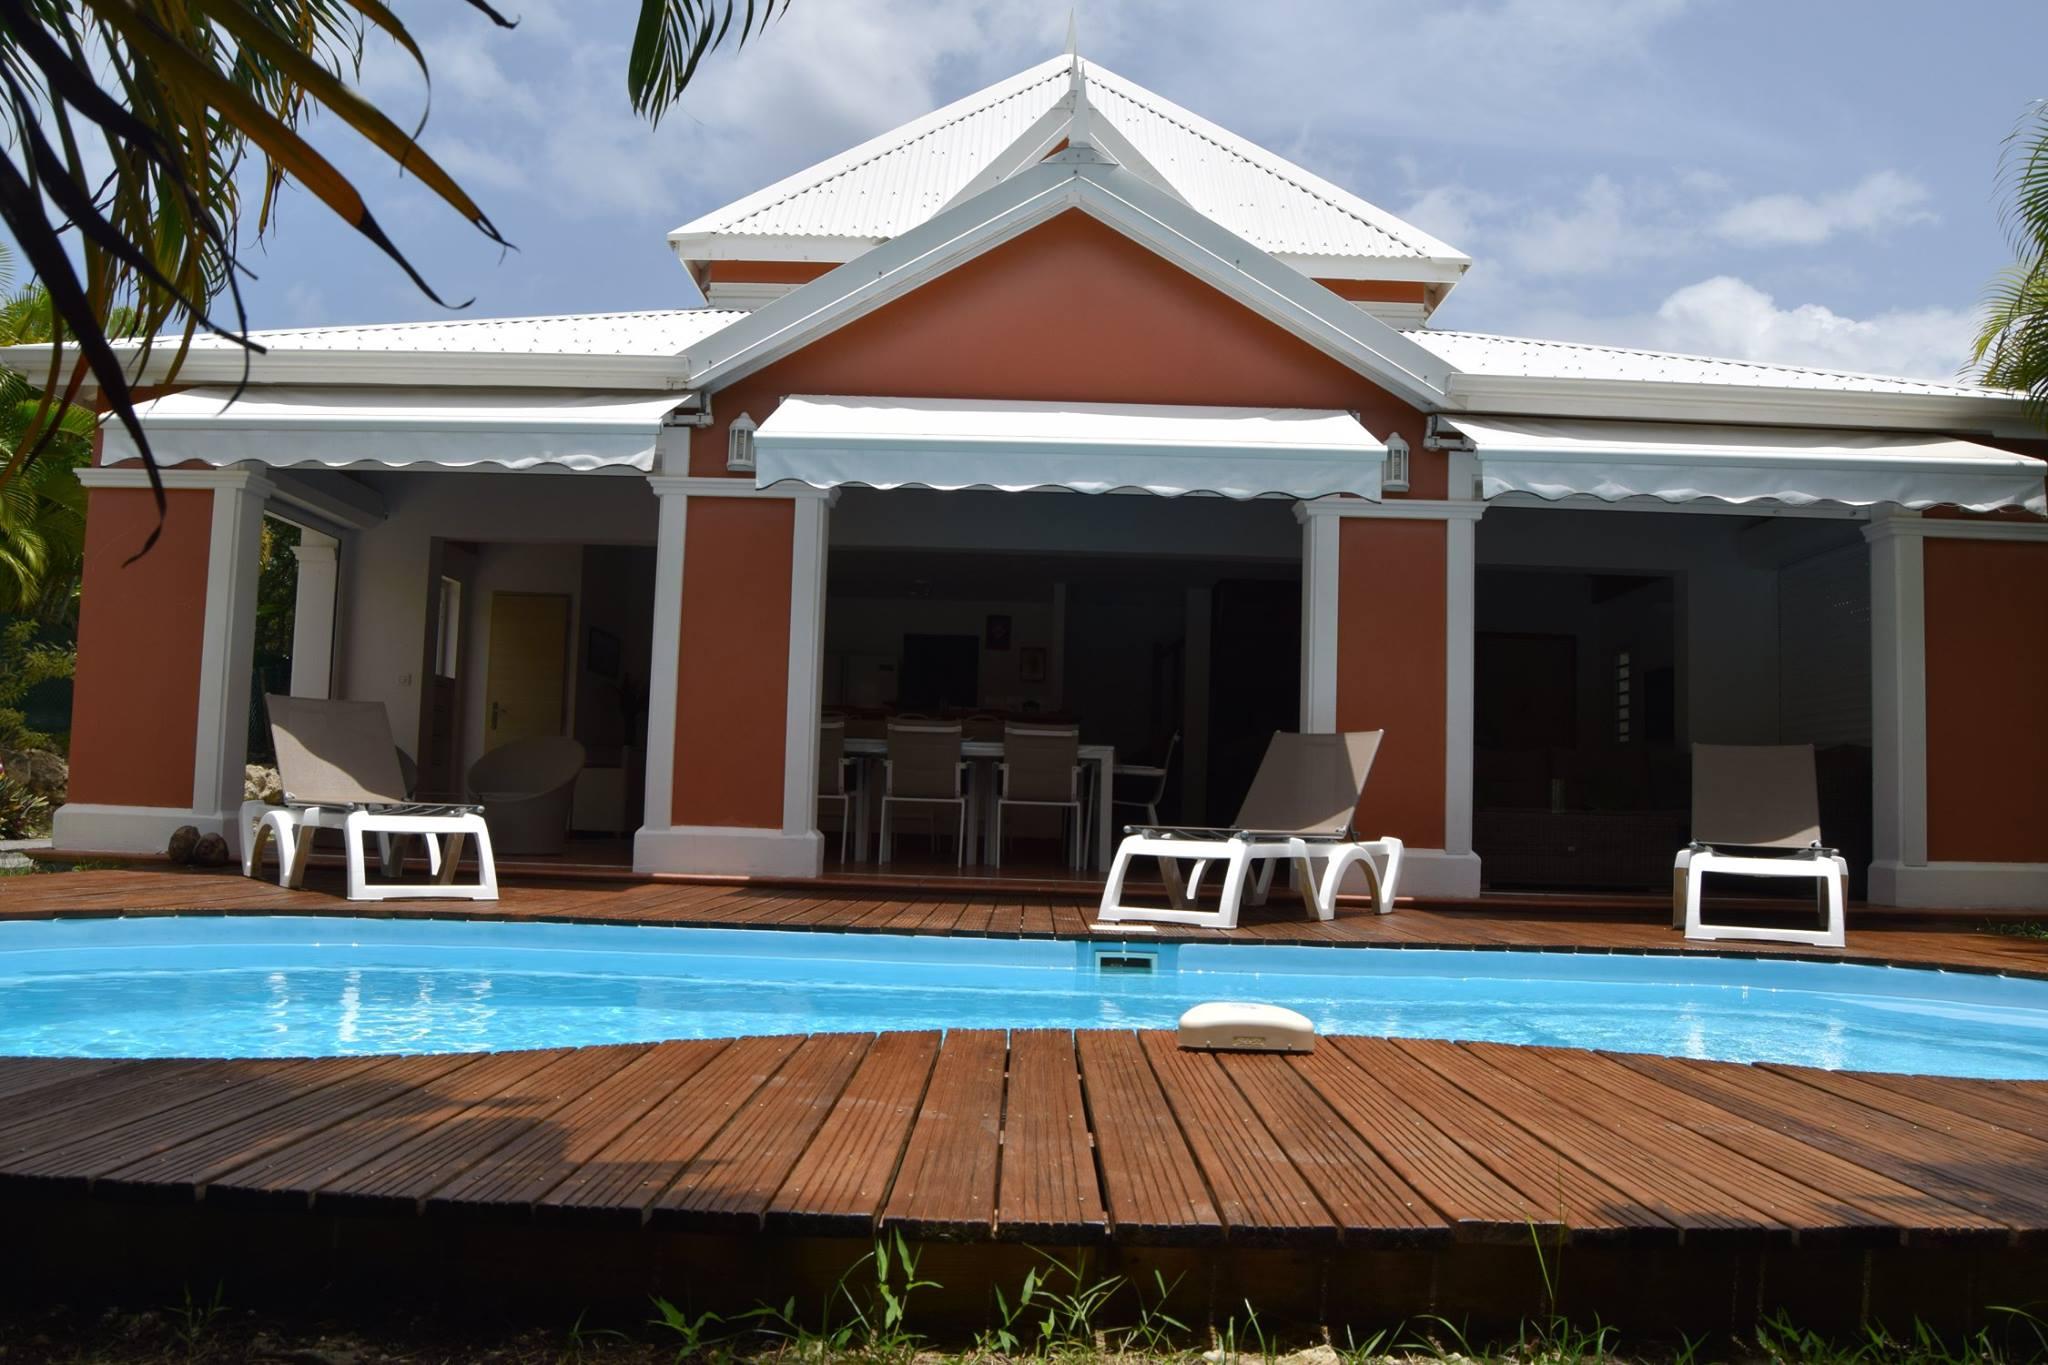 location villa guadeloupe avec piscine priv e 800 m de la plage. Black Bedroom Furniture Sets. Home Design Ideas